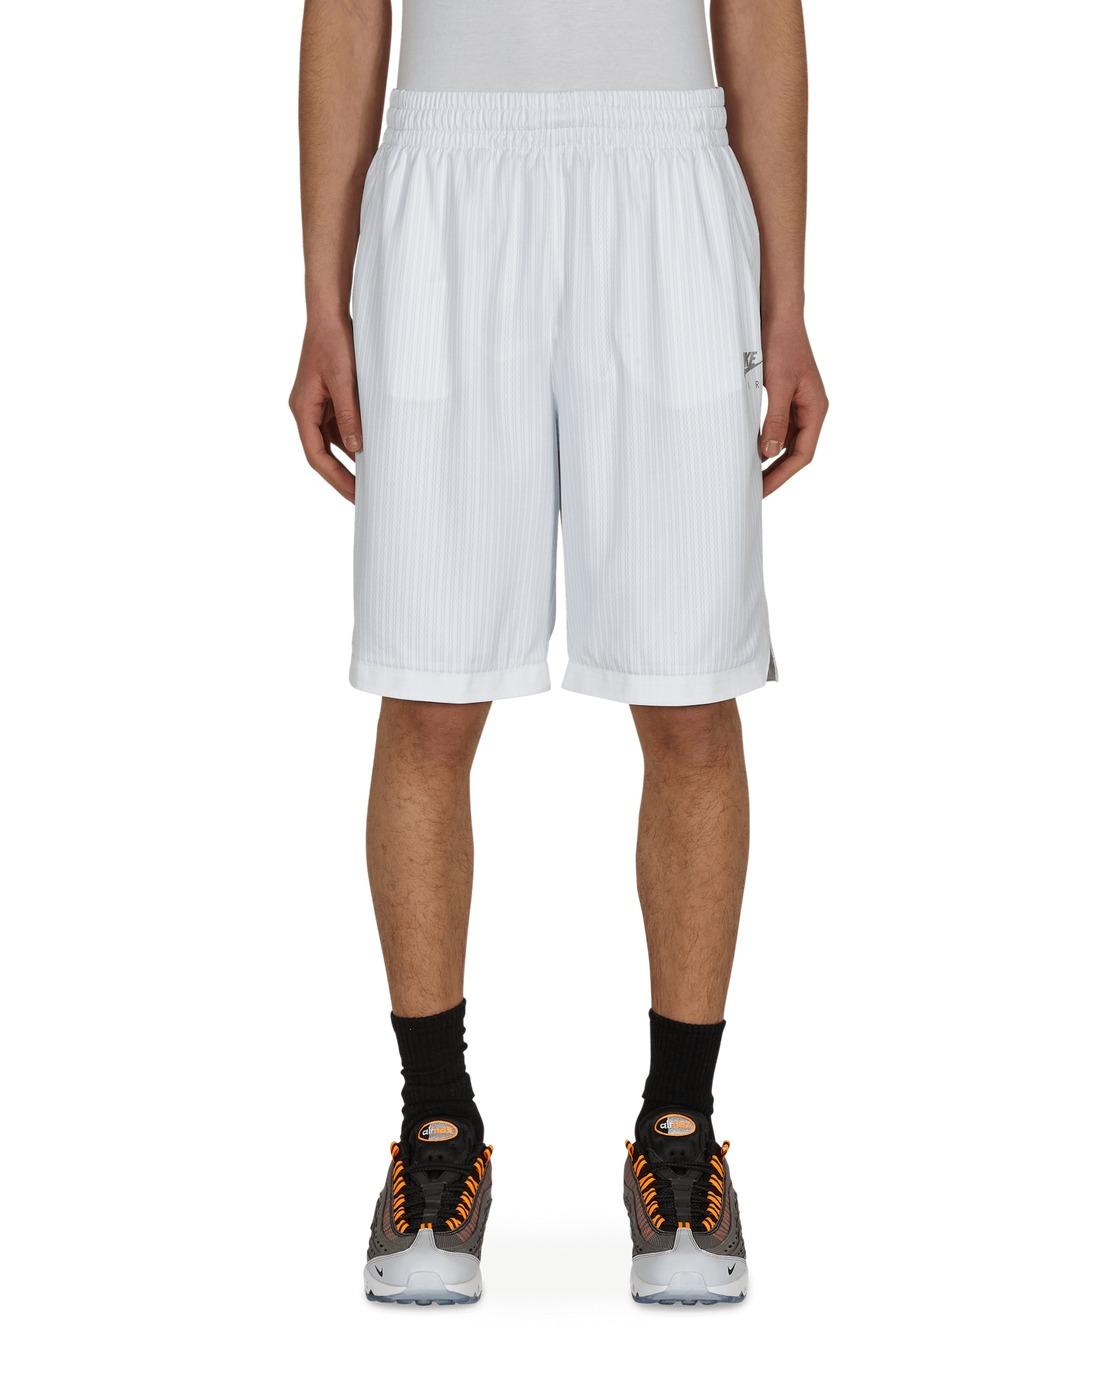 Nike Special Project Kim Jones Mesh Shorts White